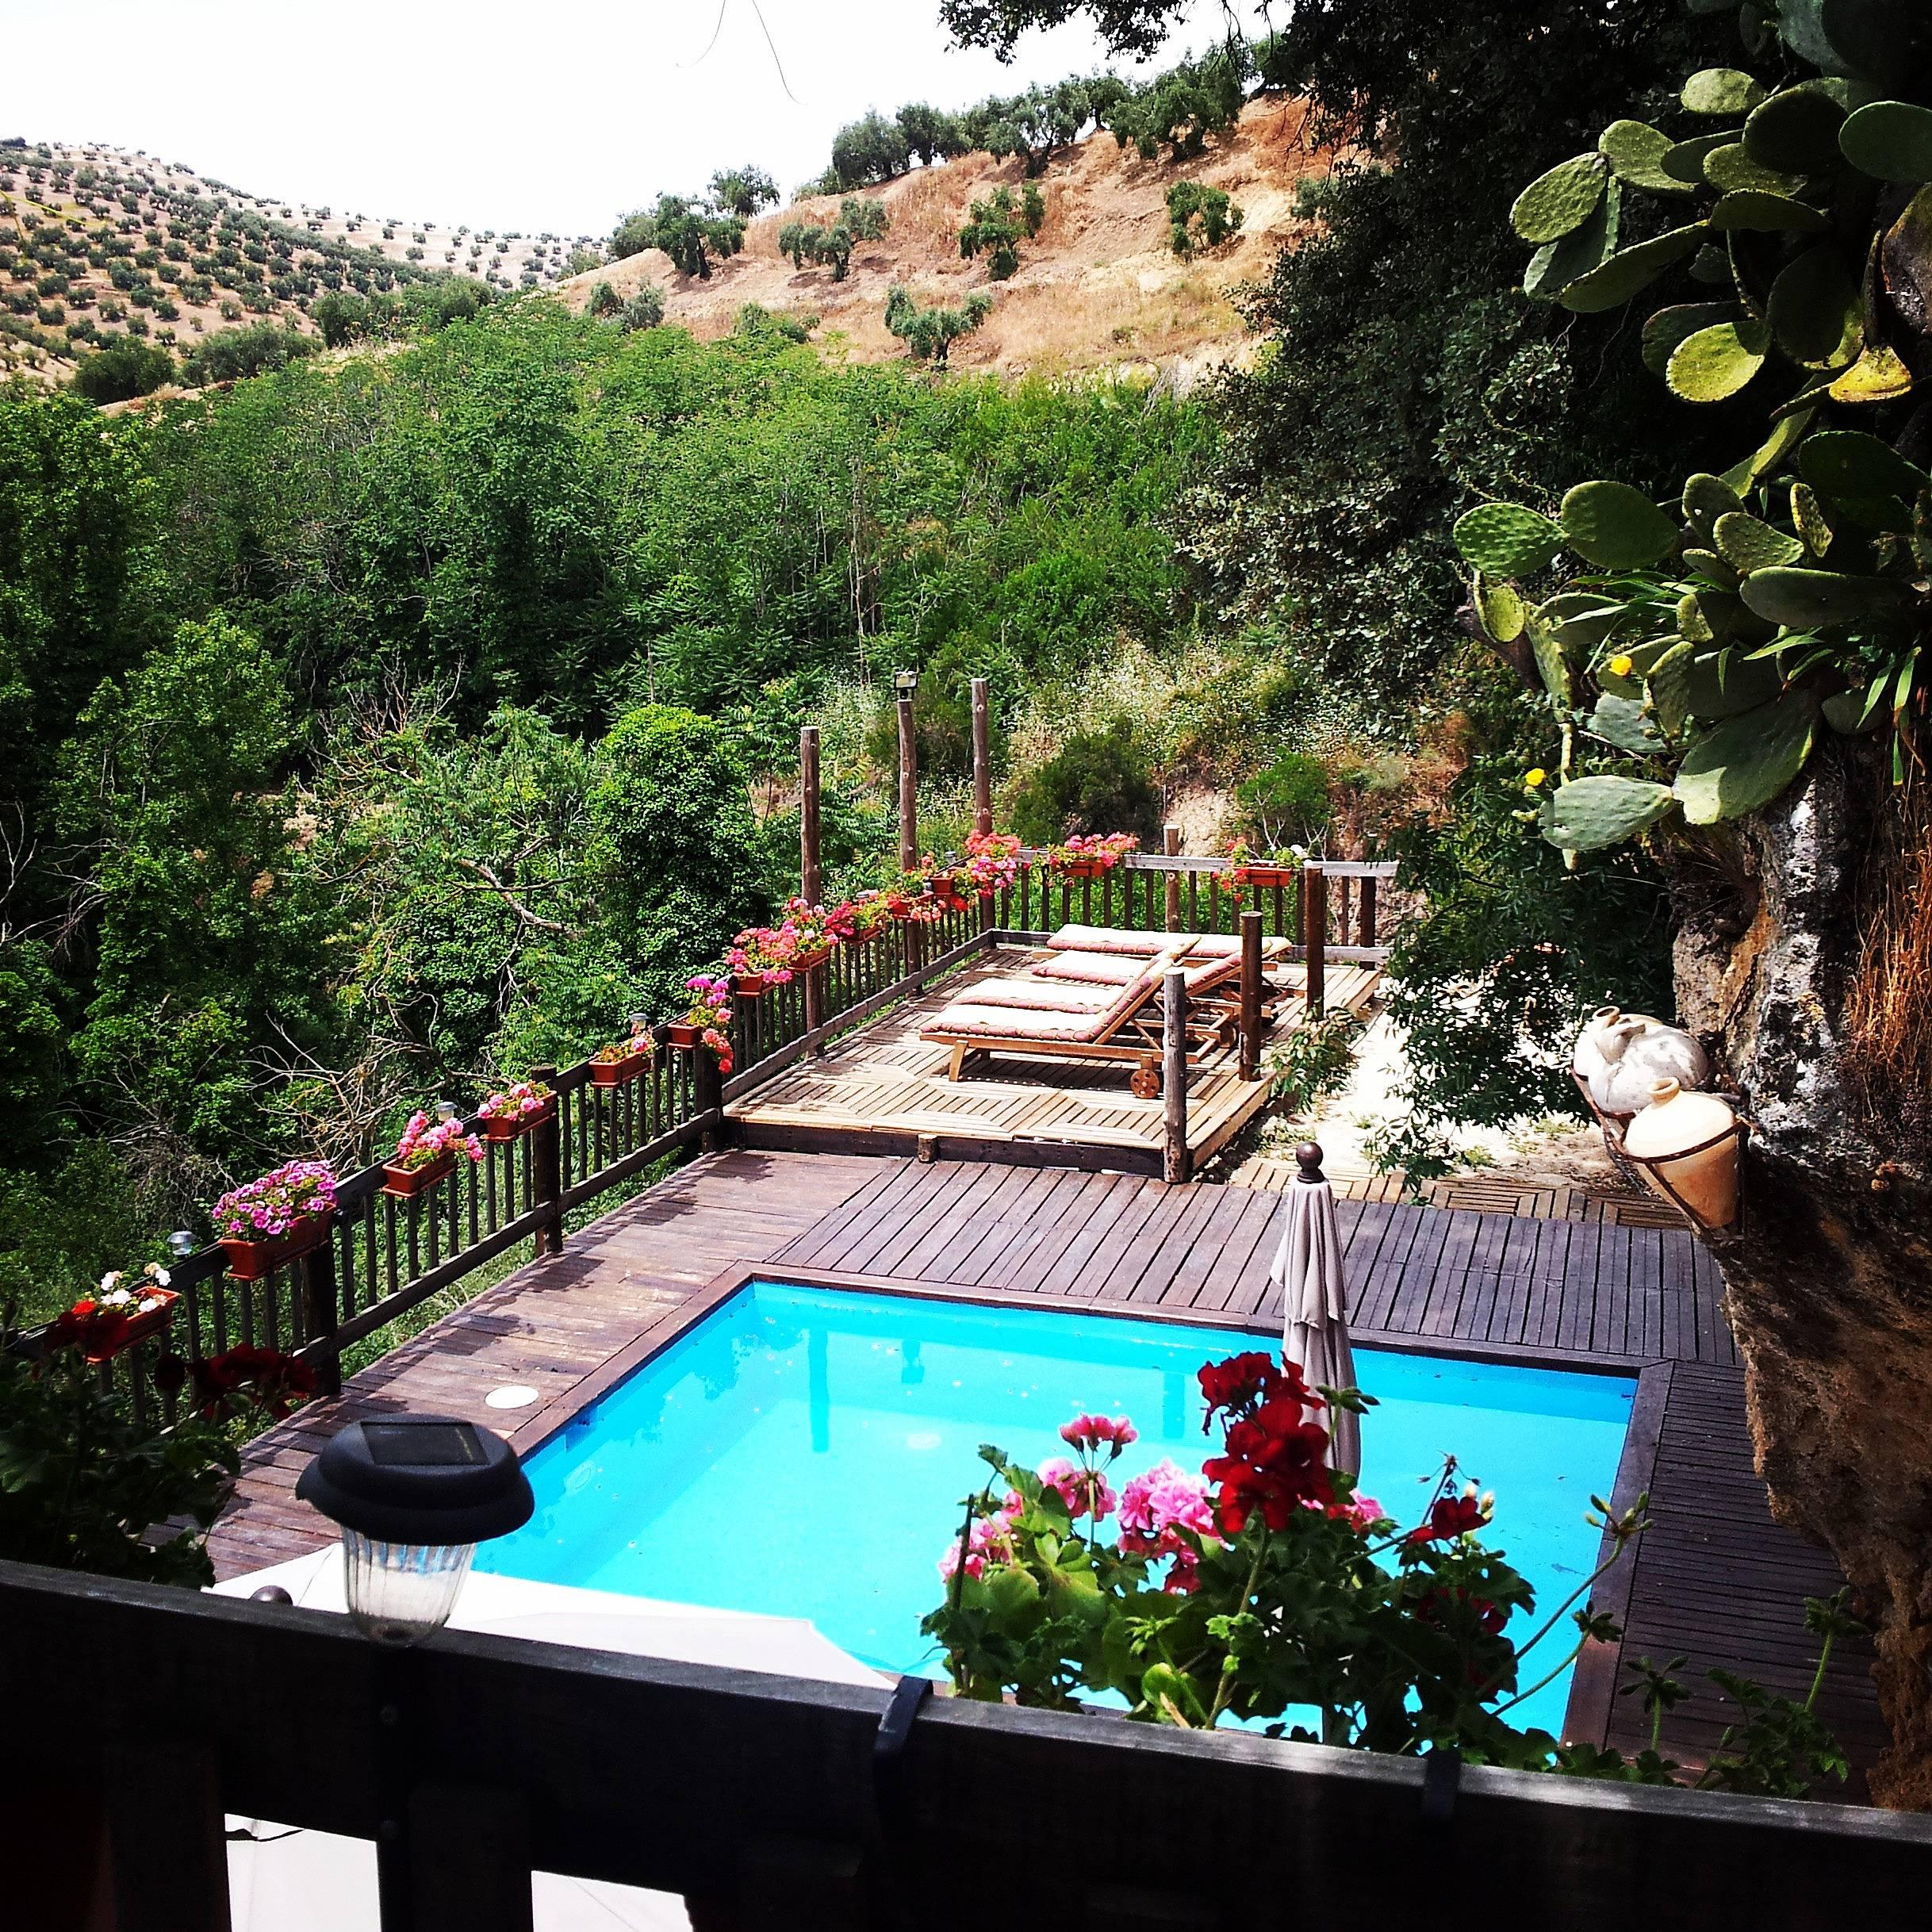 Casa con 3 stanze con piscina algarinejo granada for Piscina mondragones granada